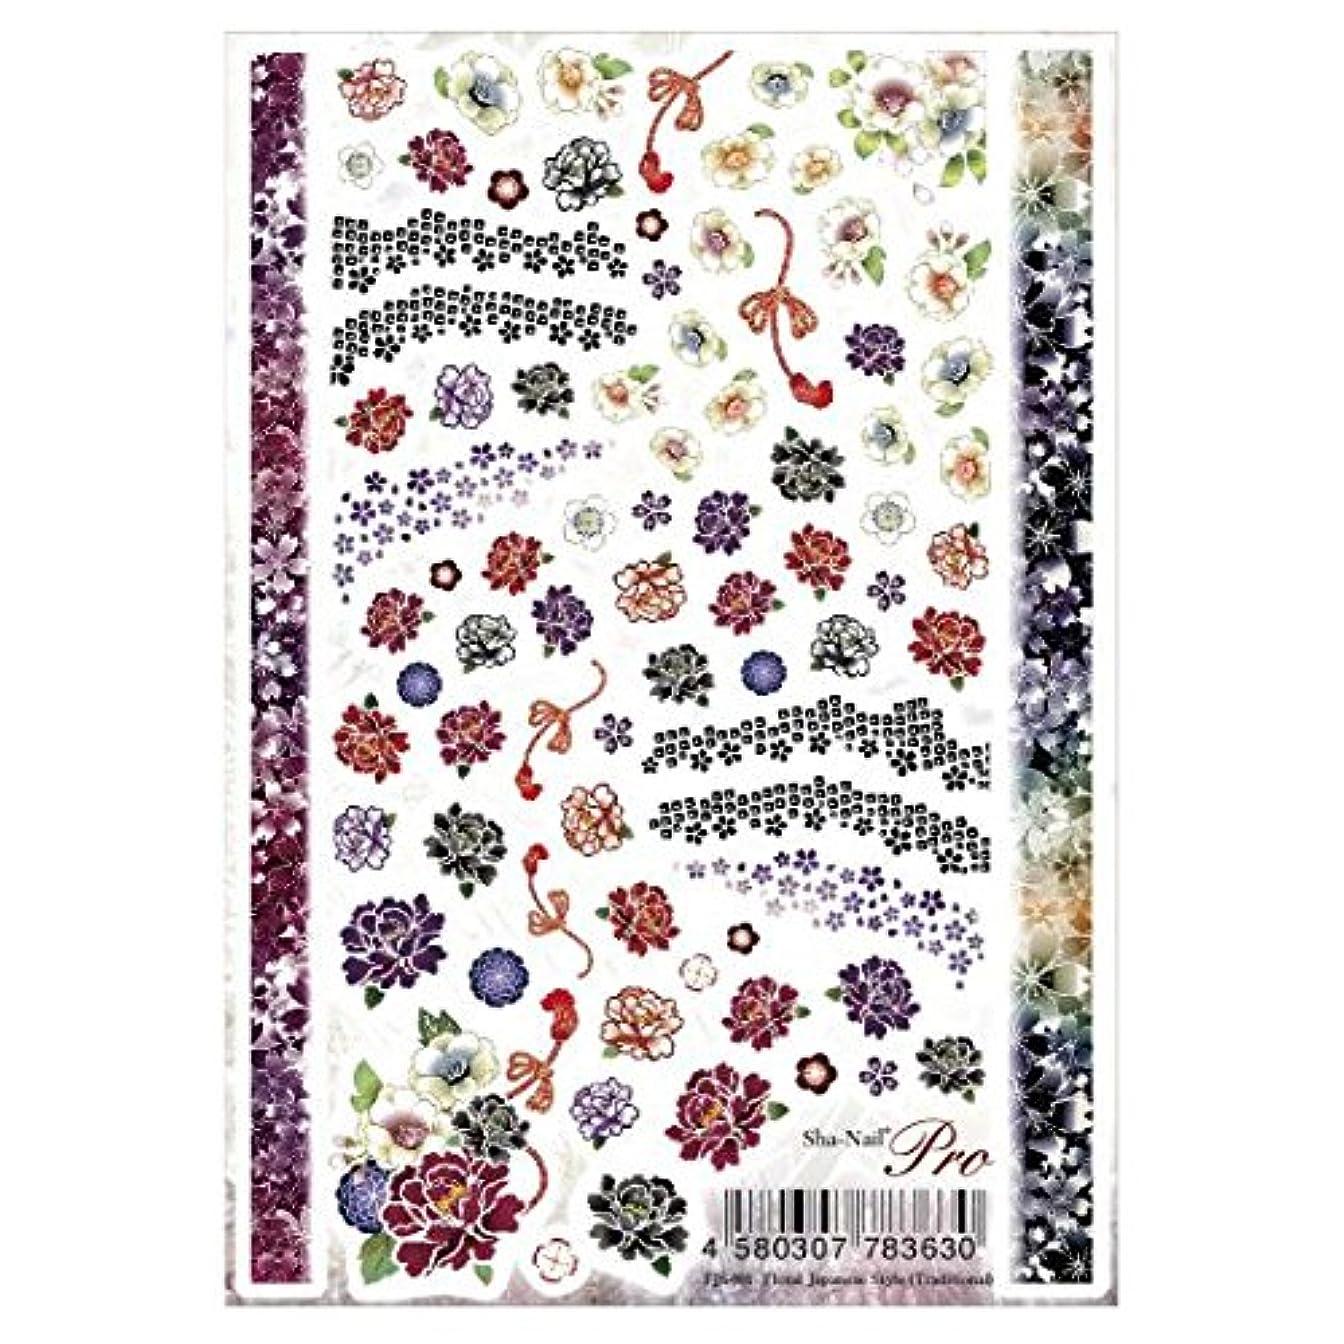 じゃがいもインテリア抽選写ネイルプロ ネイルシール 和の花 トラディショナル アート材